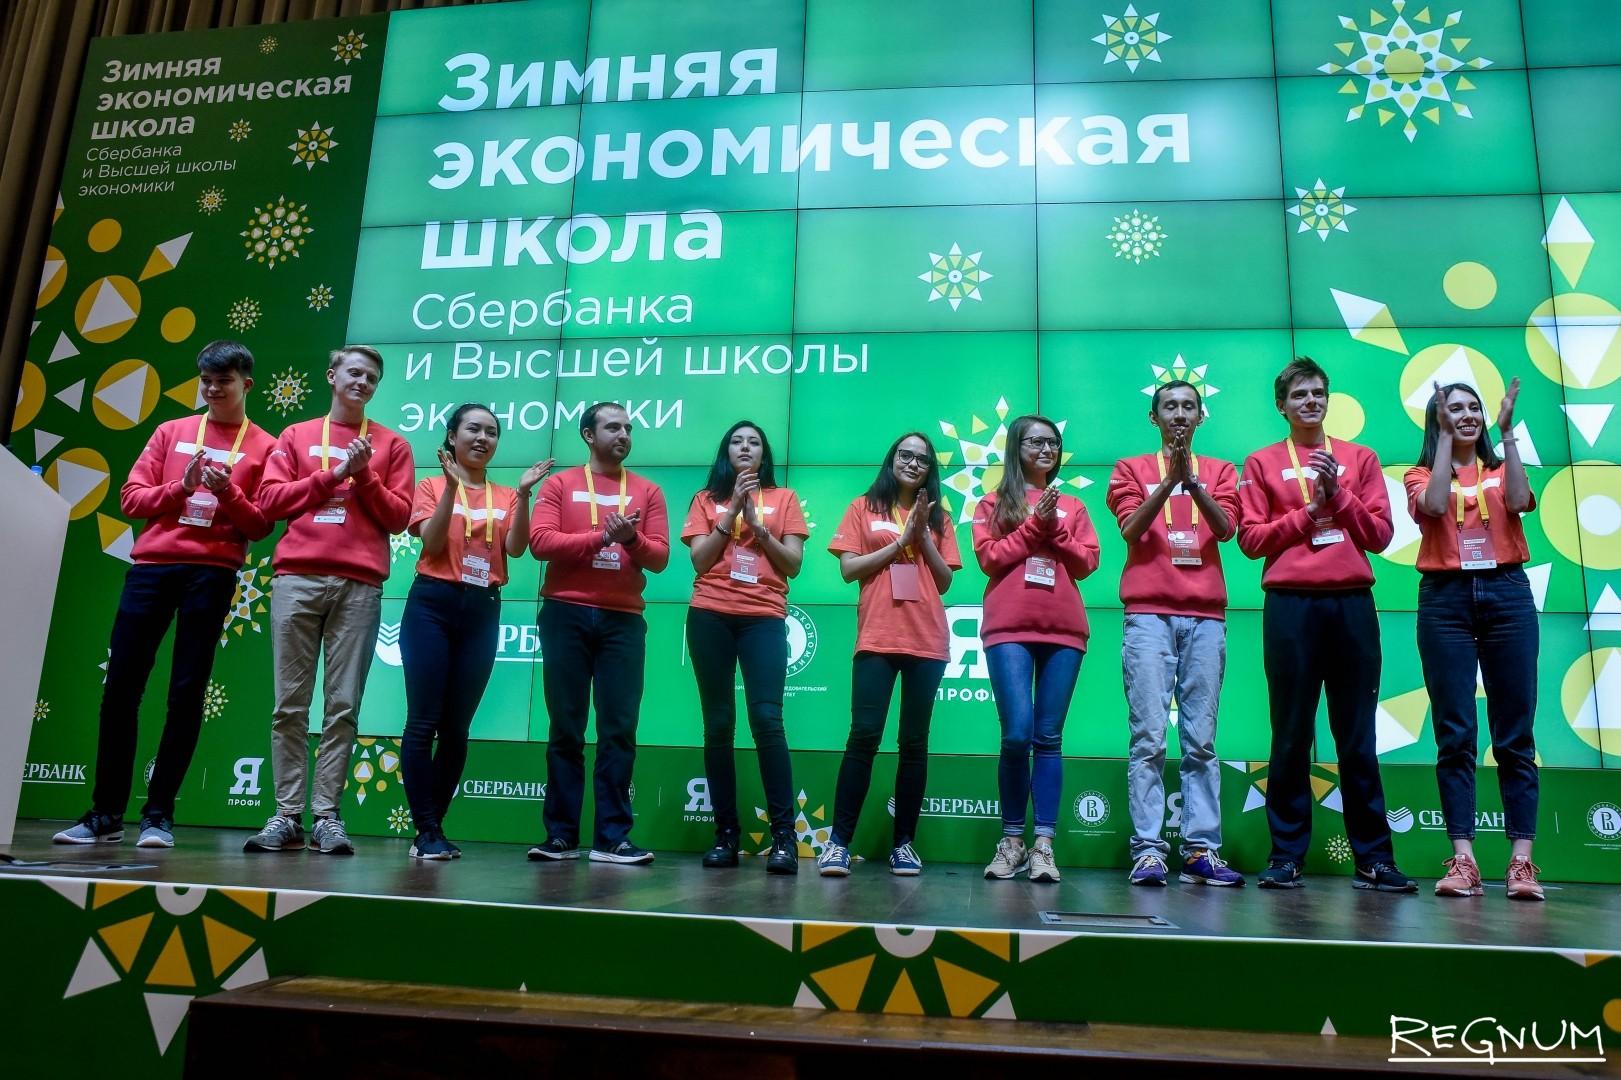 Волонтёры Зимней школы Сбербанка и Высшей школы экономики